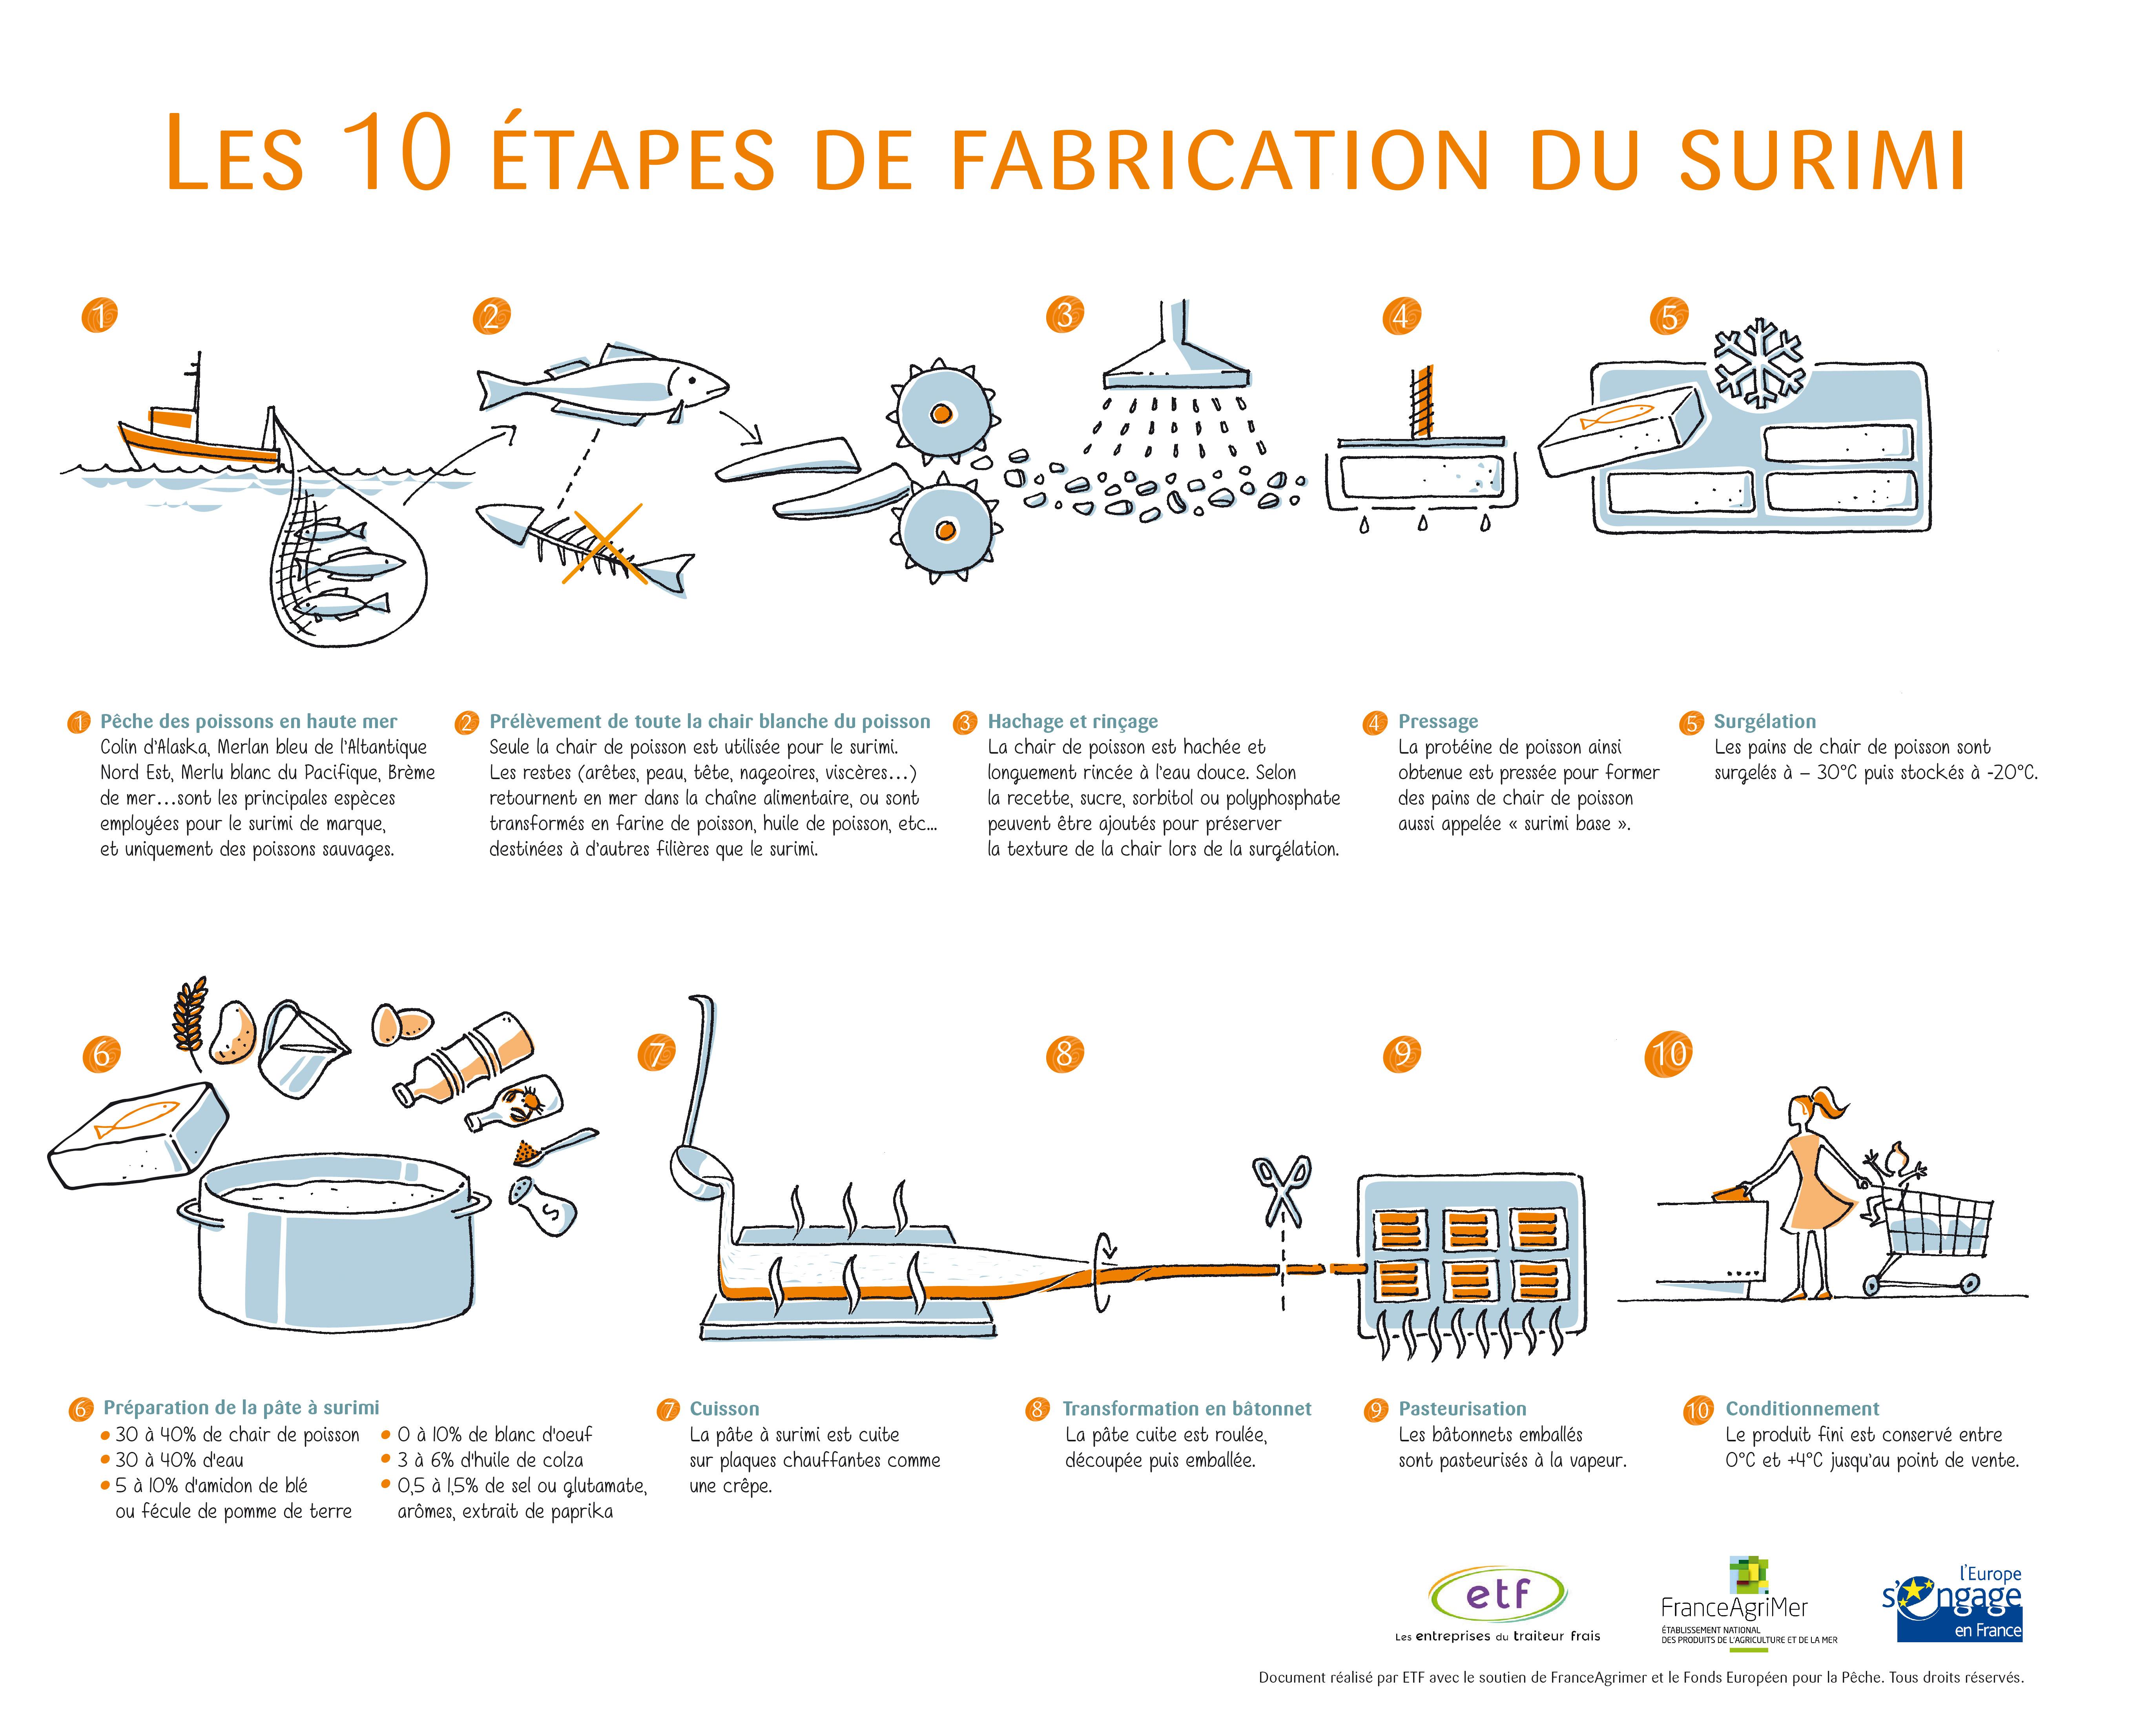 Les-10-etapes-de-fabrication-du-surimi-schema